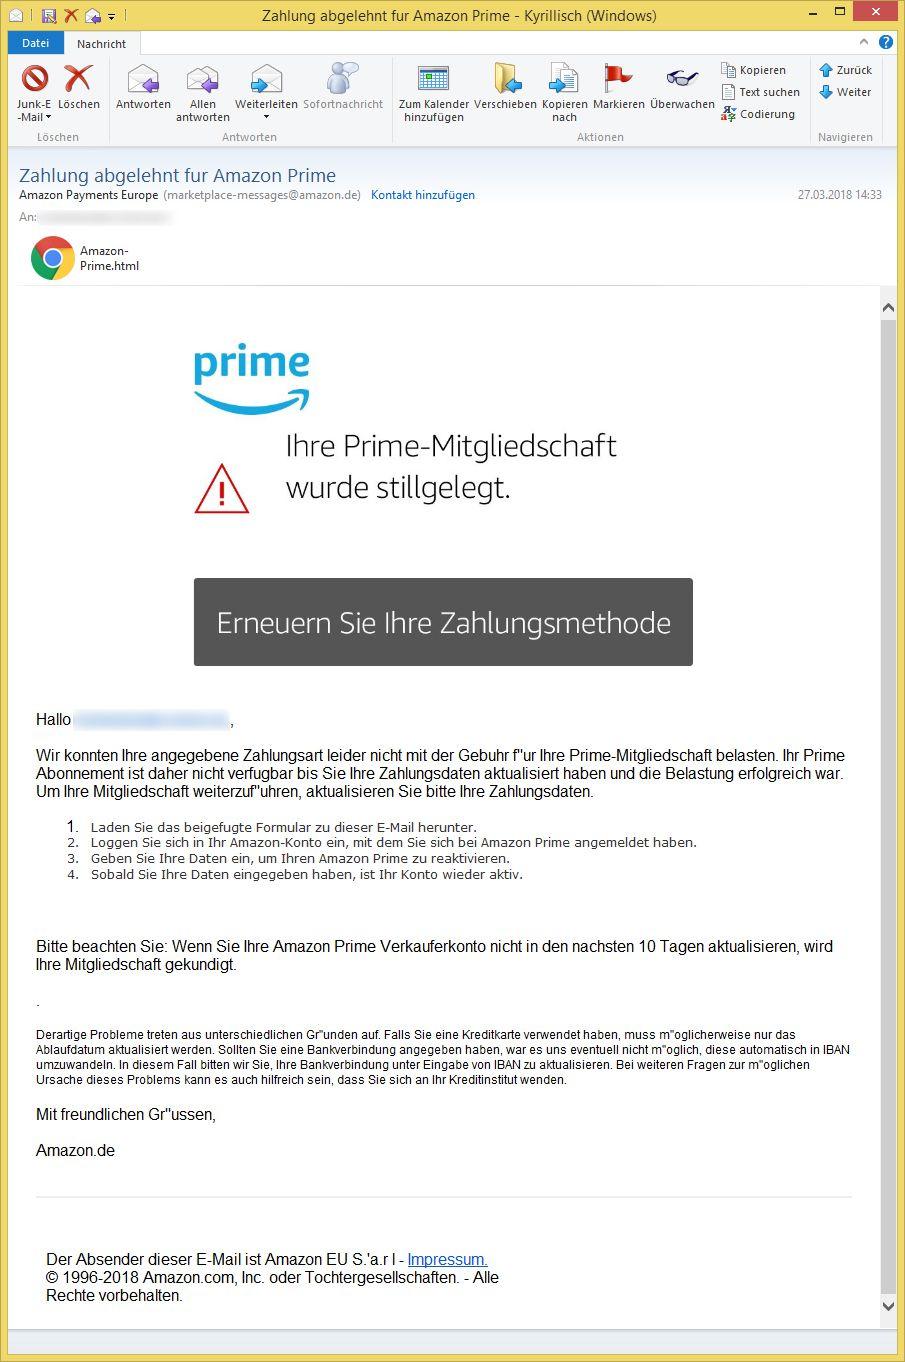 Großzügig E Mail Betreff Wieder Aufnehmen Galerie - Entry Level ...